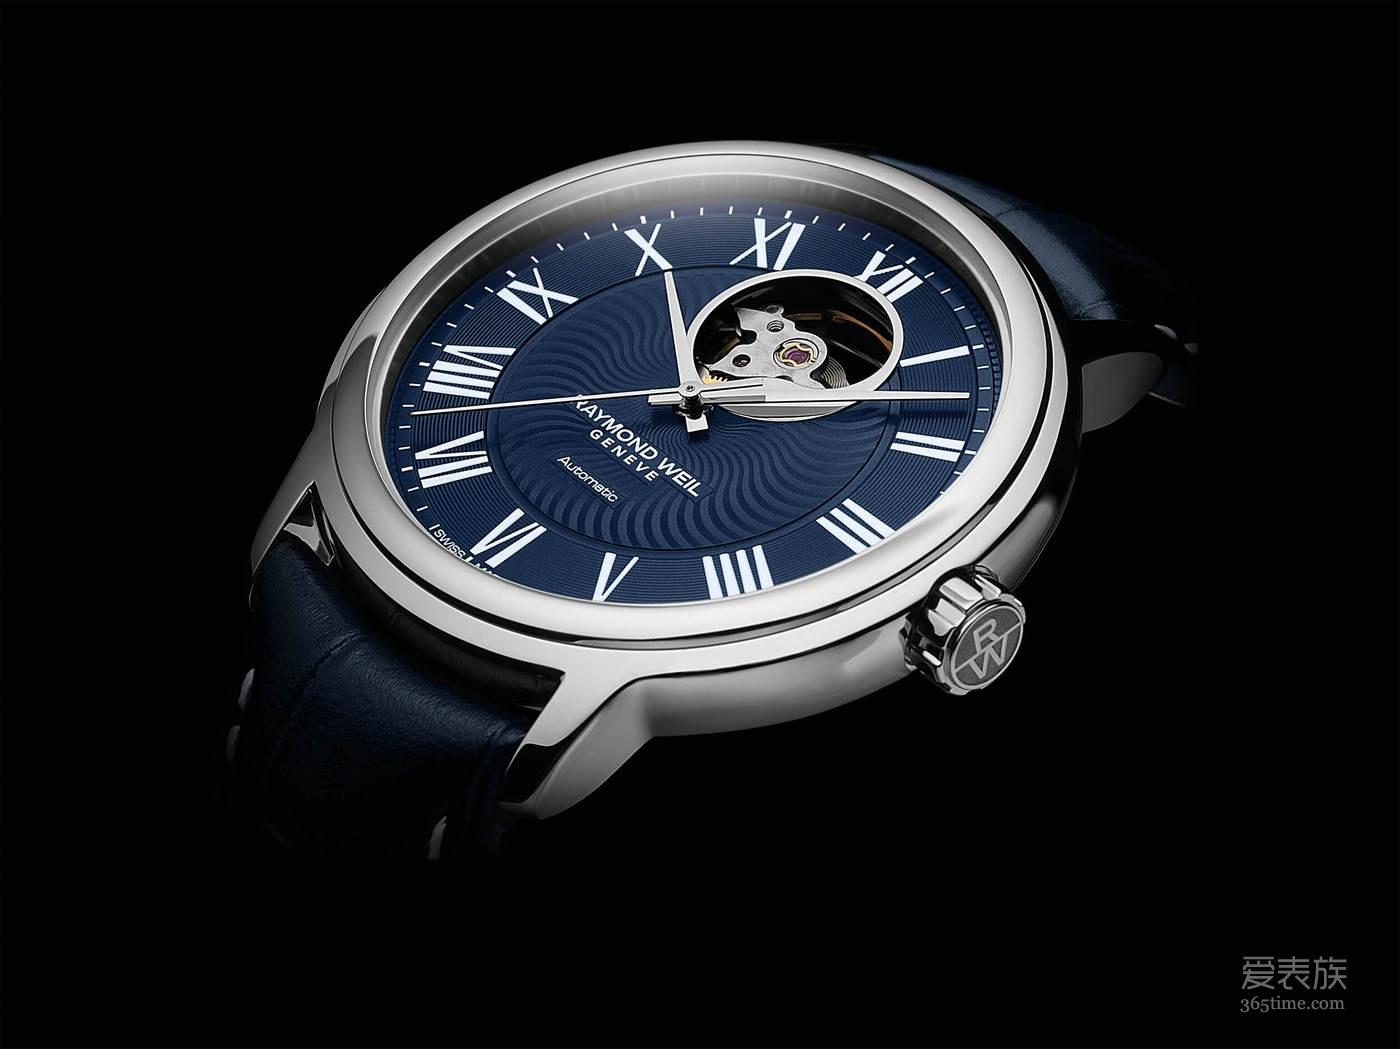 以蓝调音乐为灵感 蕾蒙威呈献经典大师湛蓝系列腕表